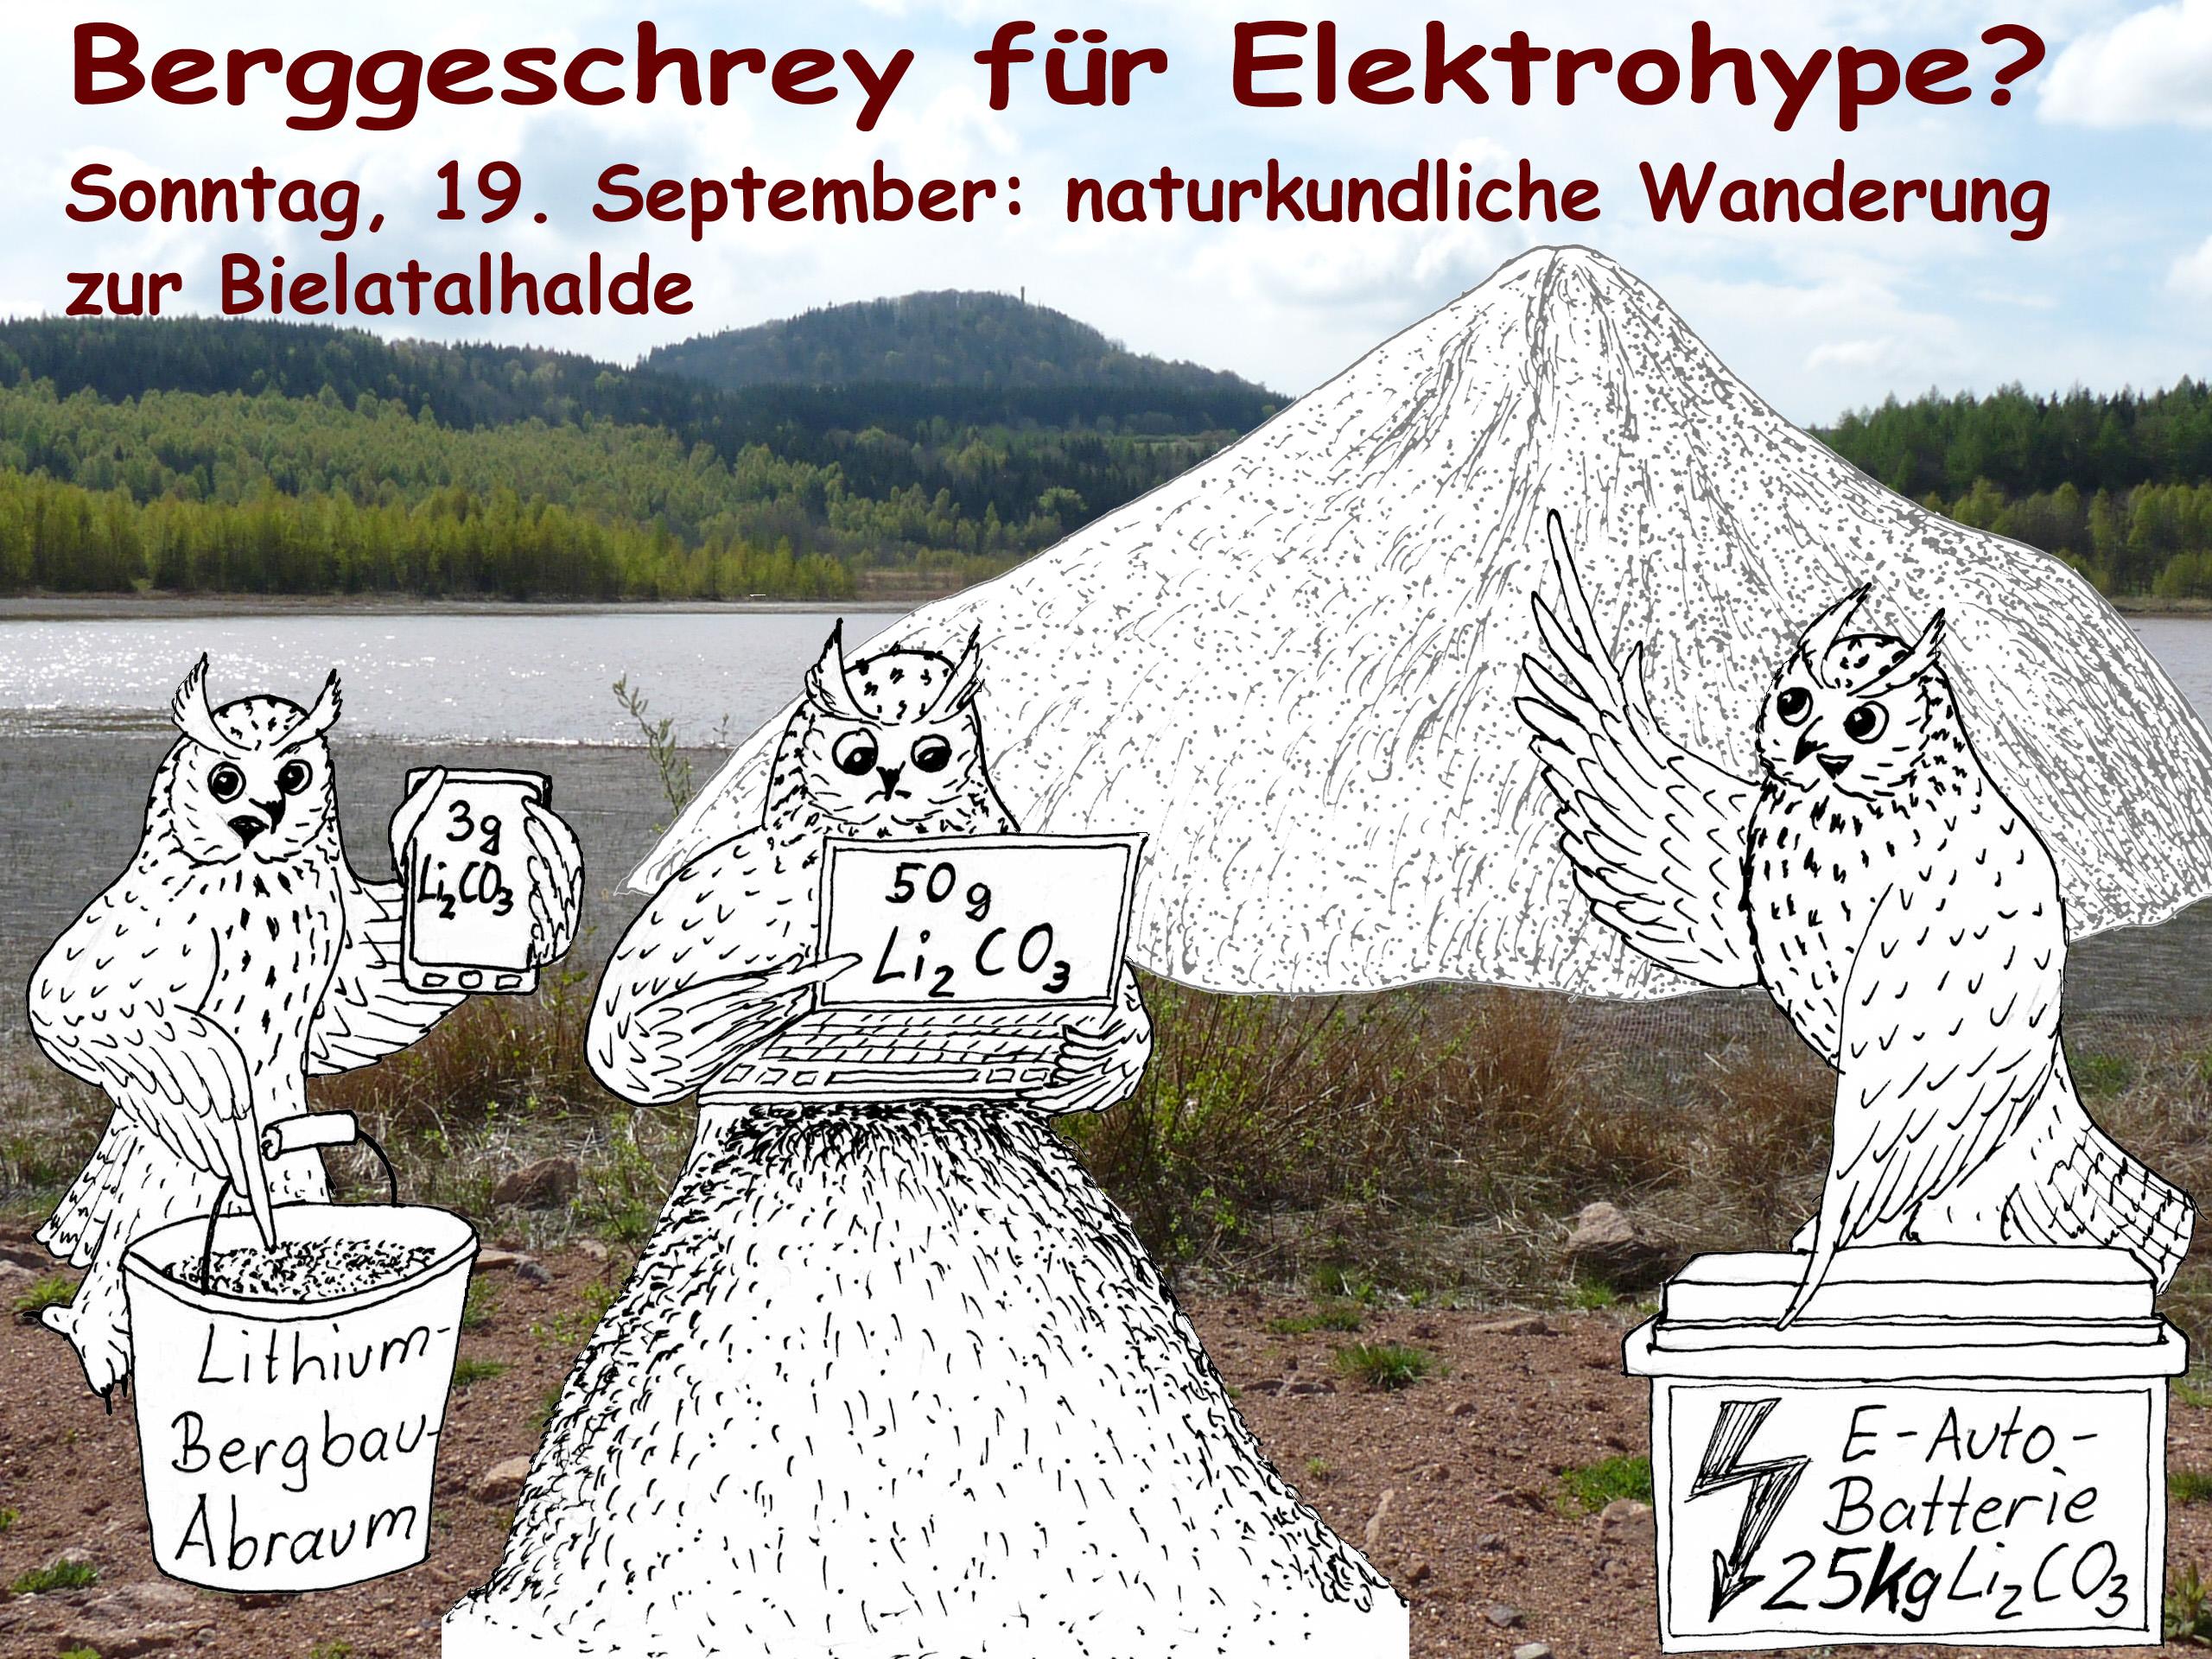 Naturkundliche Wanderung zur Spülkippe Bielatal mit Diskussion zu den aktuellen Lithium-Bergbauplänen im Raum Altenberg